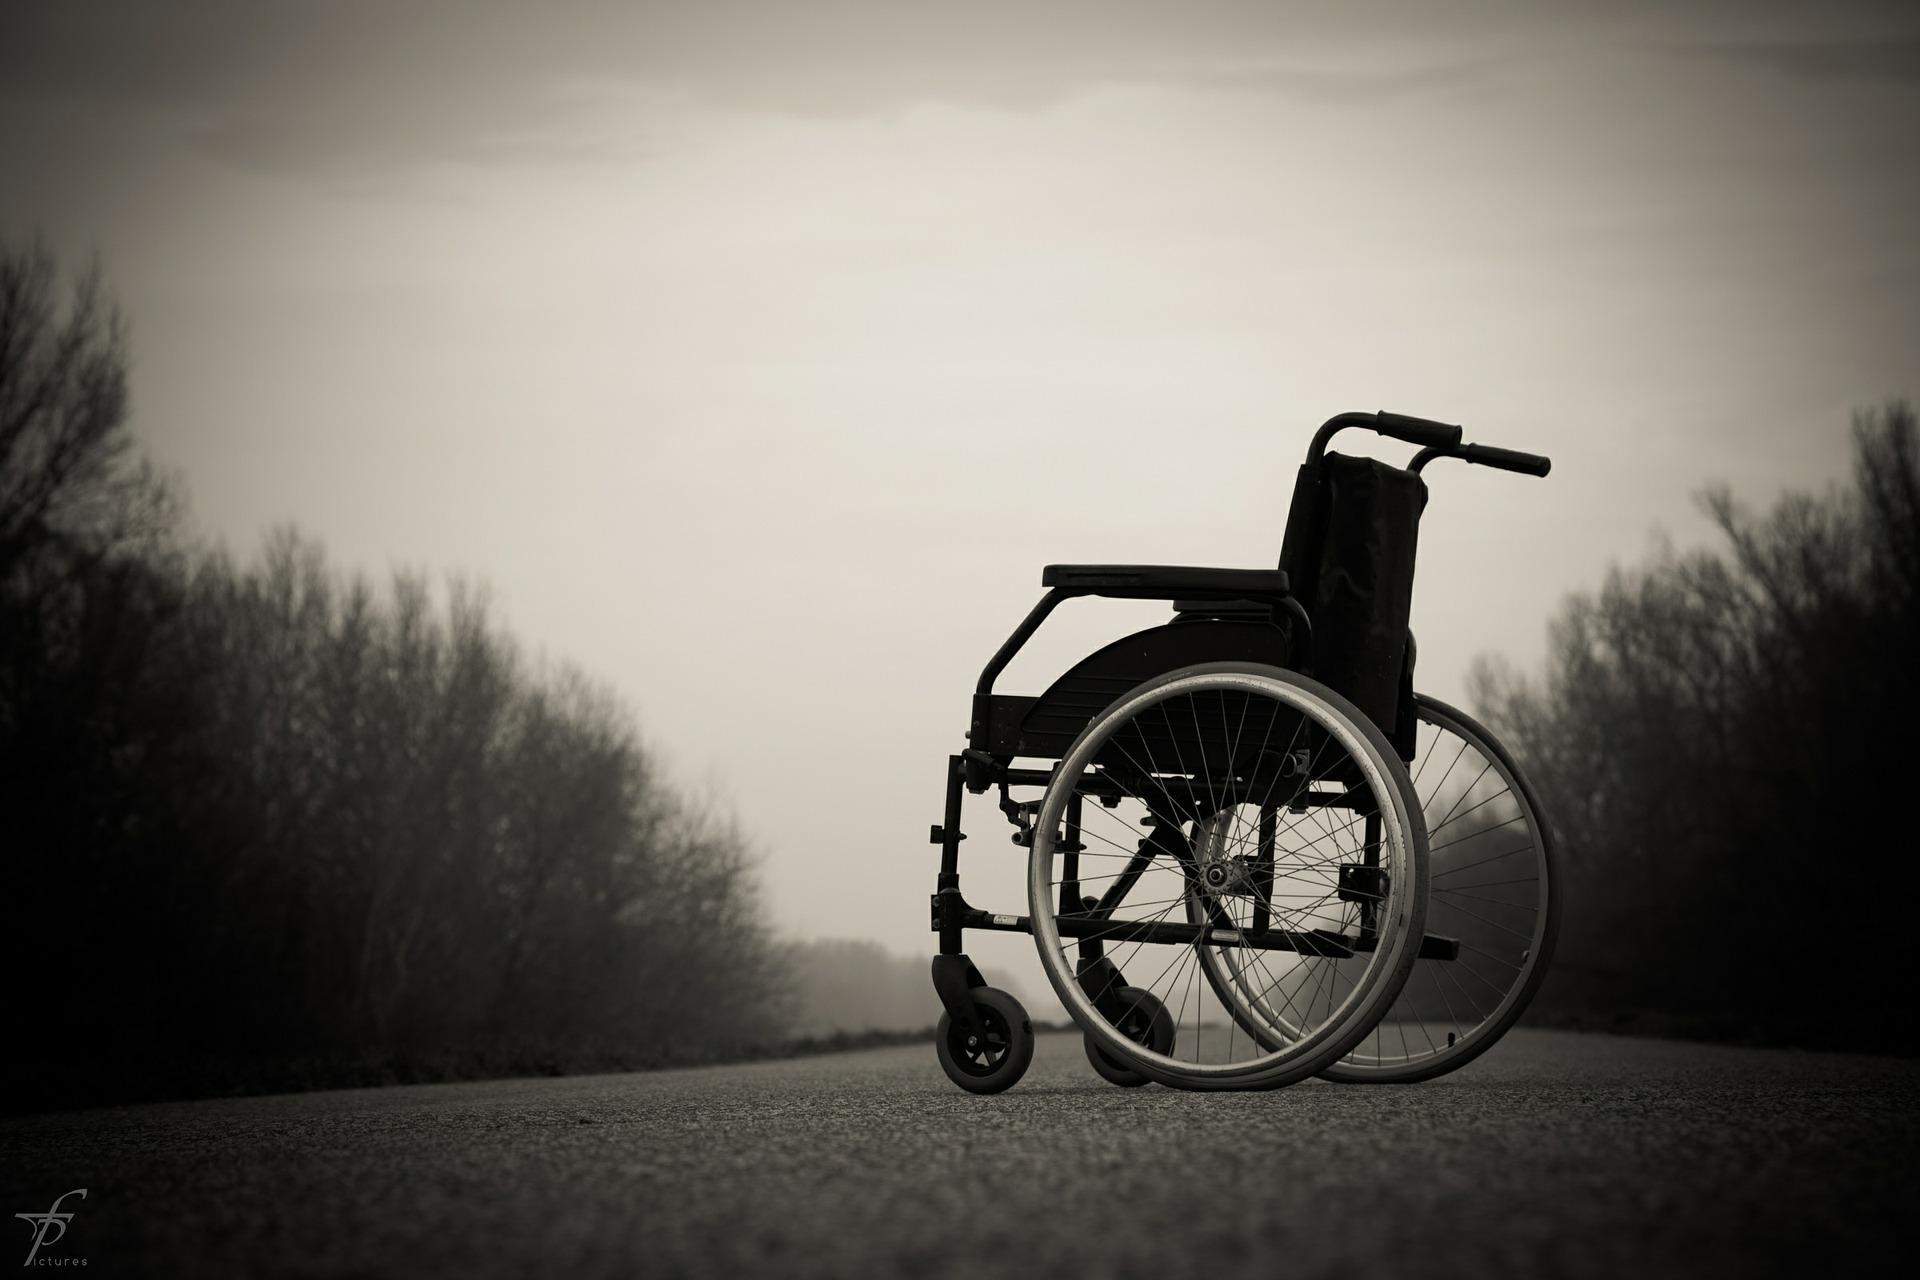 Erkennbarer Beratungsbedarf zur Rentenversicherung – und die Beratungspflicht des Sozialhilfeträgers